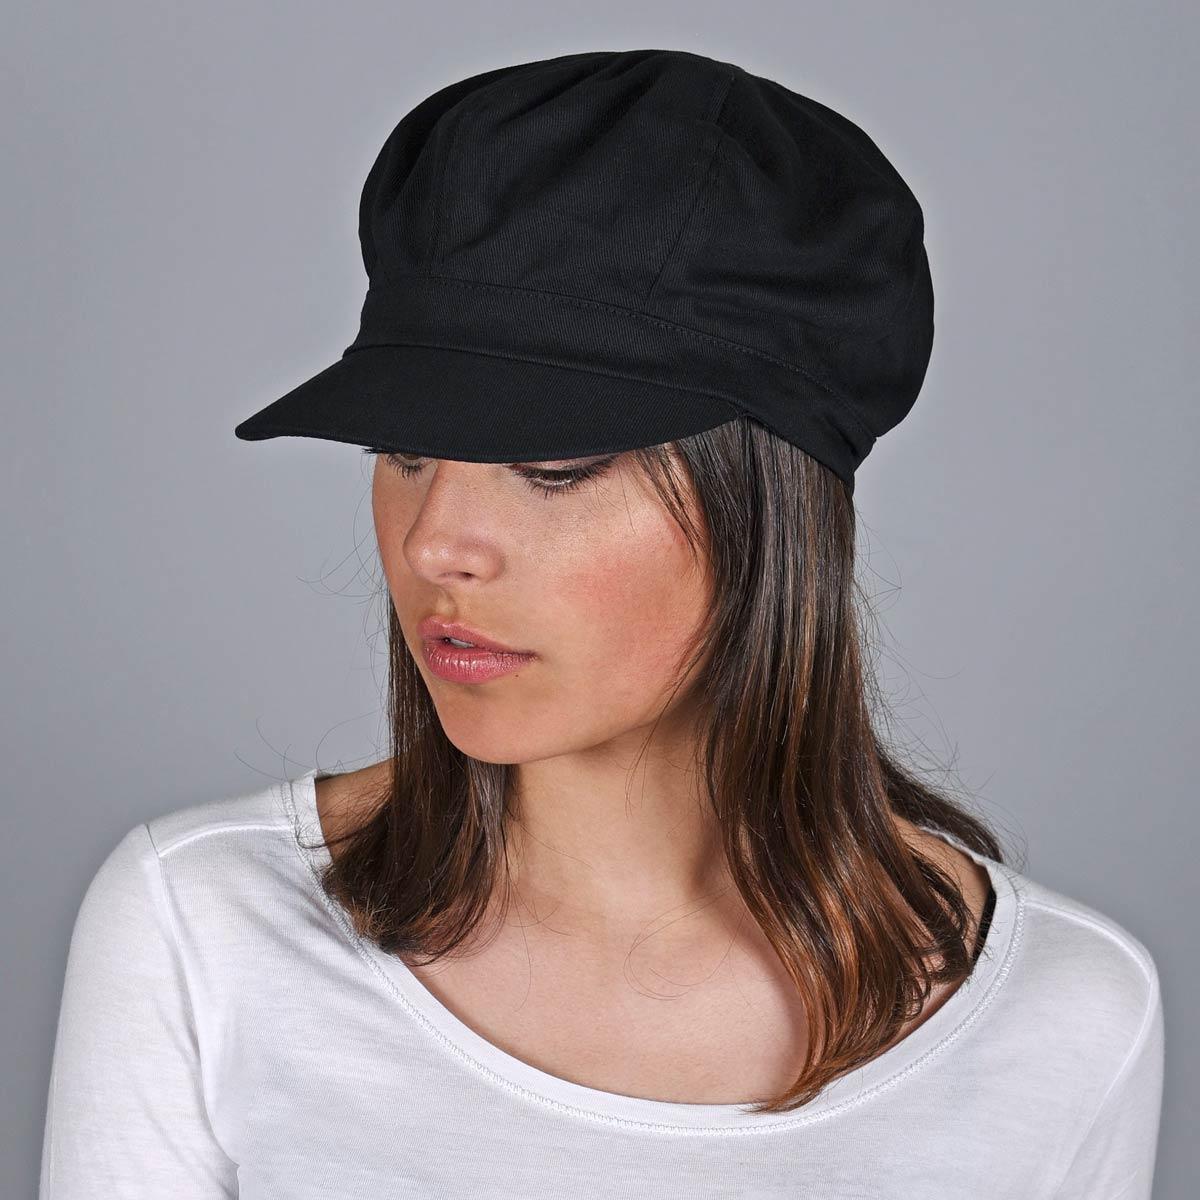 CP-01123_W12-1--_Casquette-femme-coton-noire